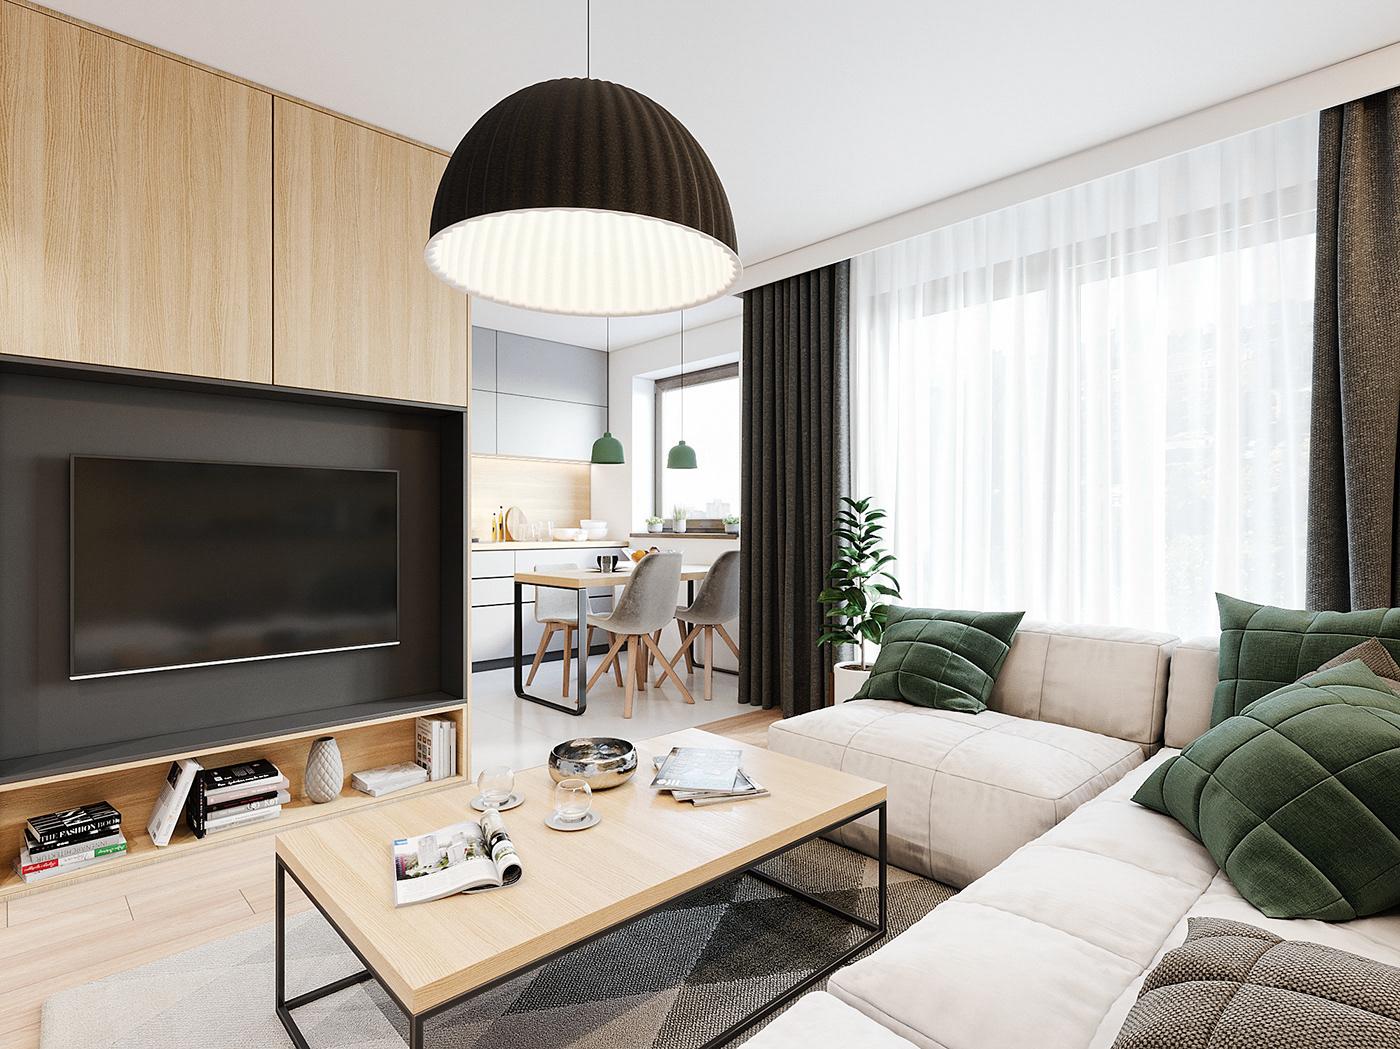 Tư vấn thiết kế căn hộ 90m² theo phong cách Scandinavian cho gia đình 3 người, chi phí 200 triệu - Ảnh 5.